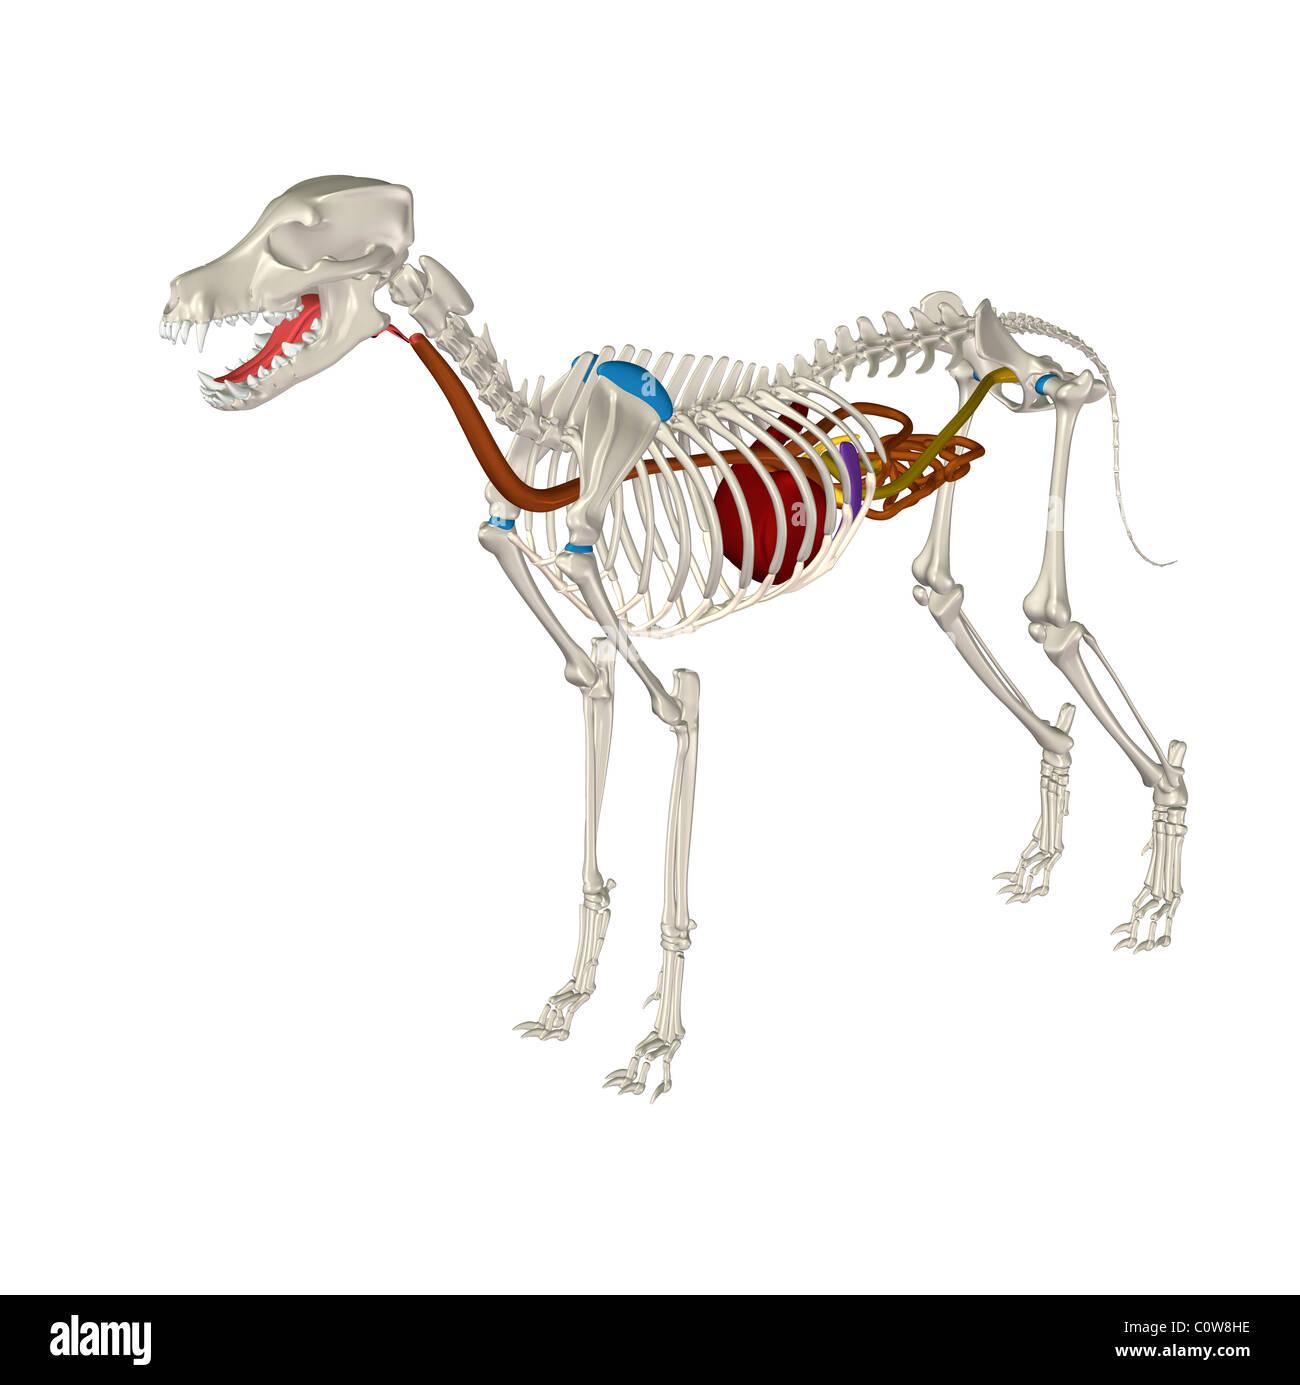 Hund Anatomie Verdauung Magen Skelett Stockfoto, Bild: 34976298 - Alamy